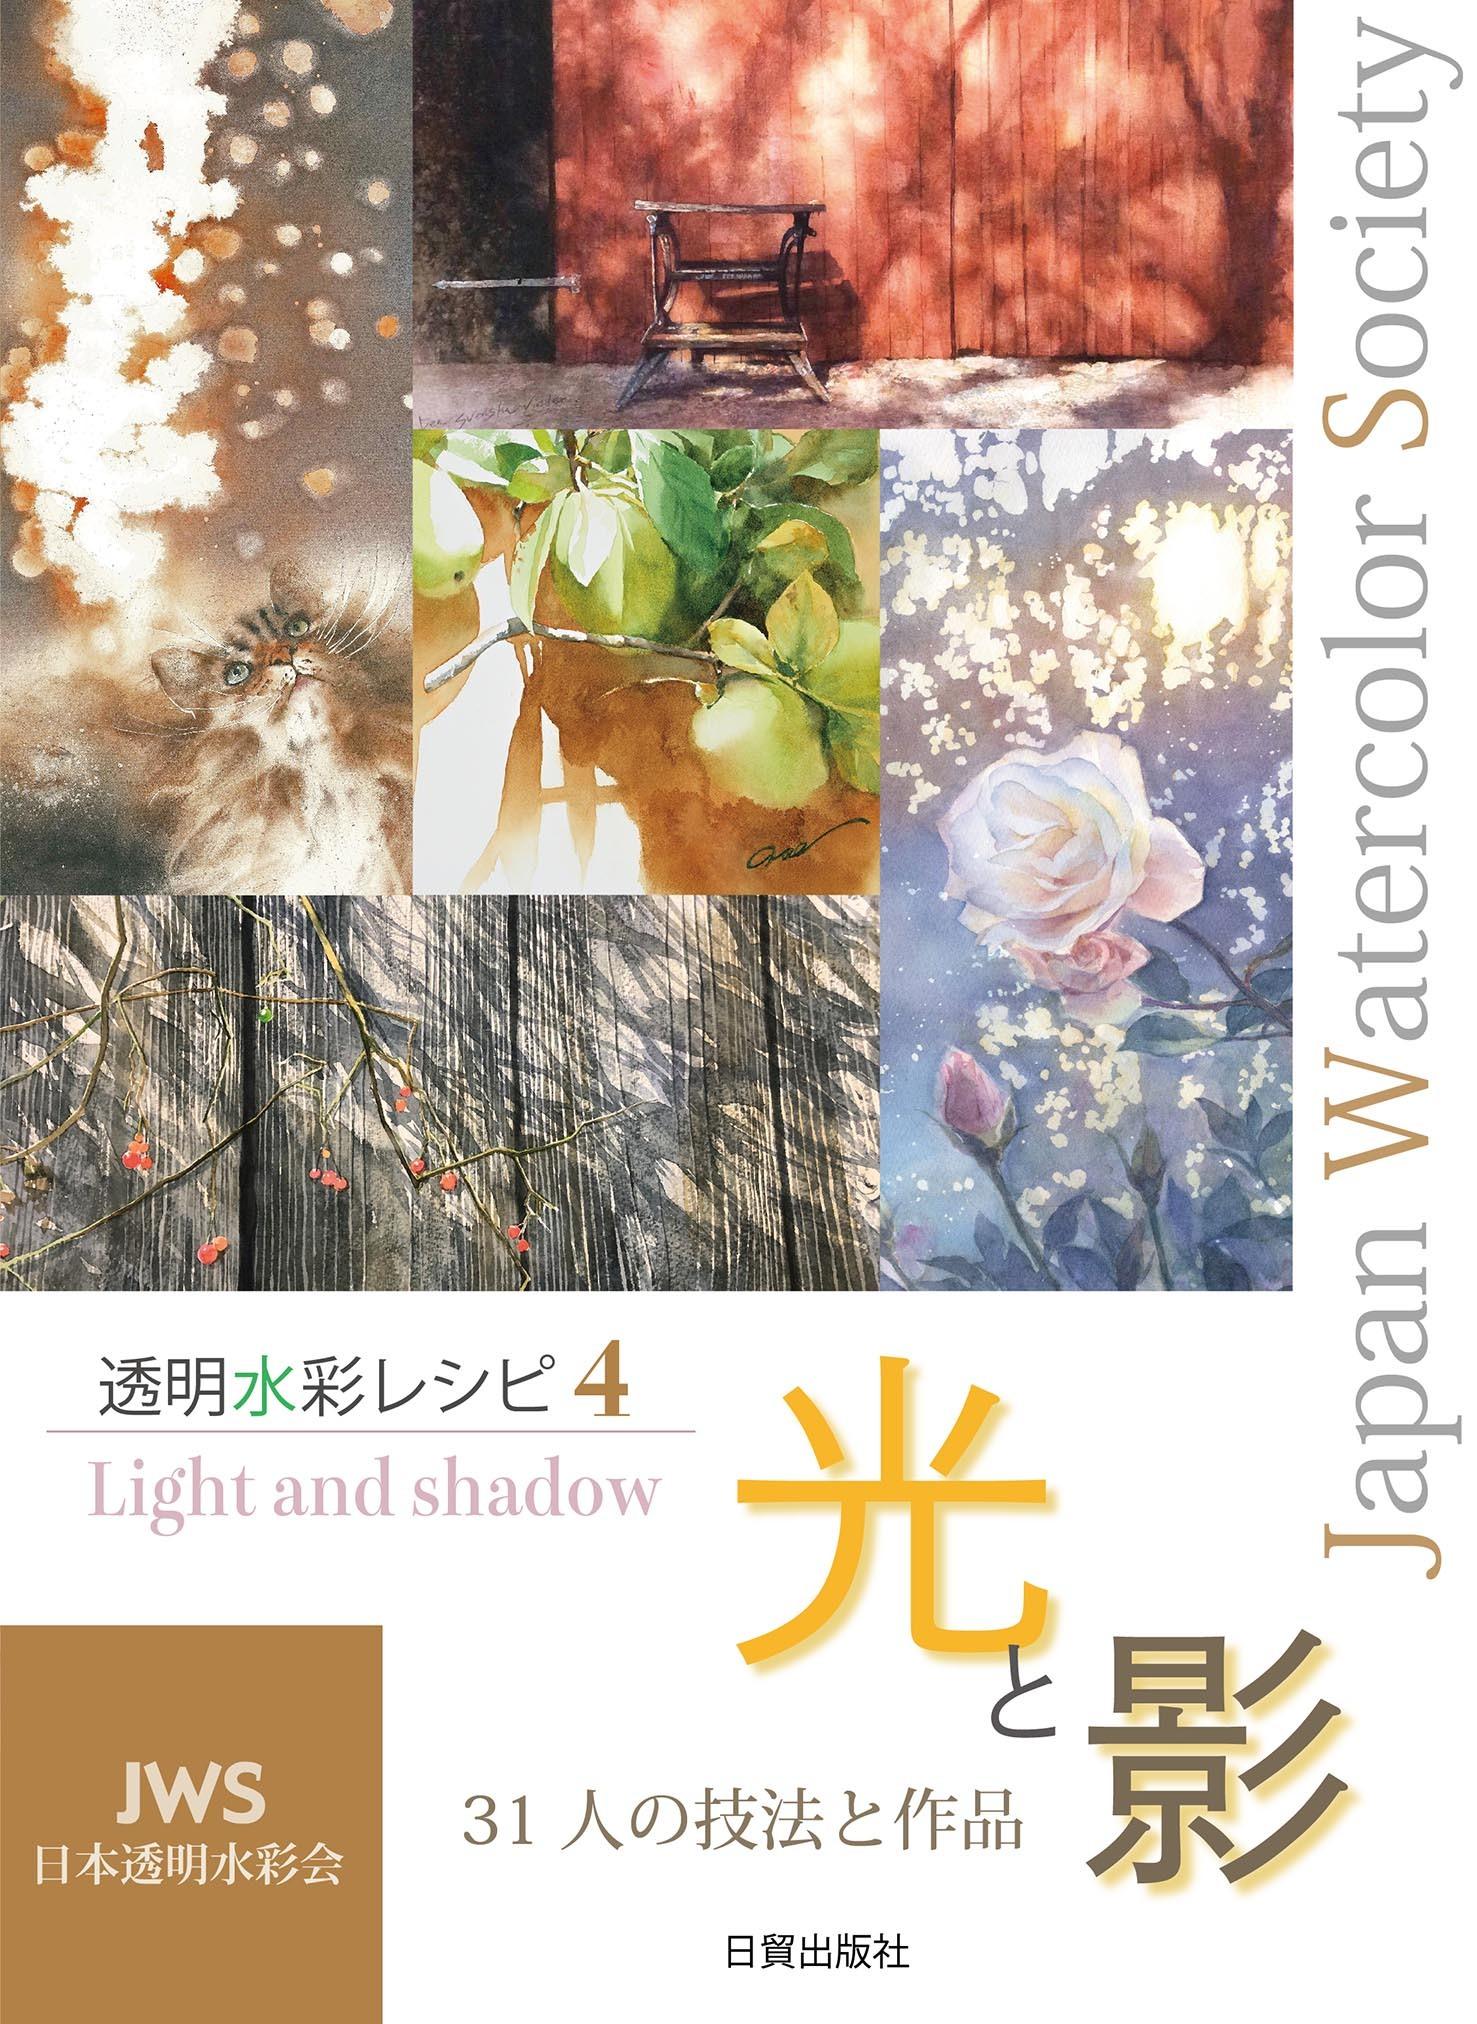 日本透明水彩会 透明水彩レシピ4   光と影_f0176370_15111131.jpg